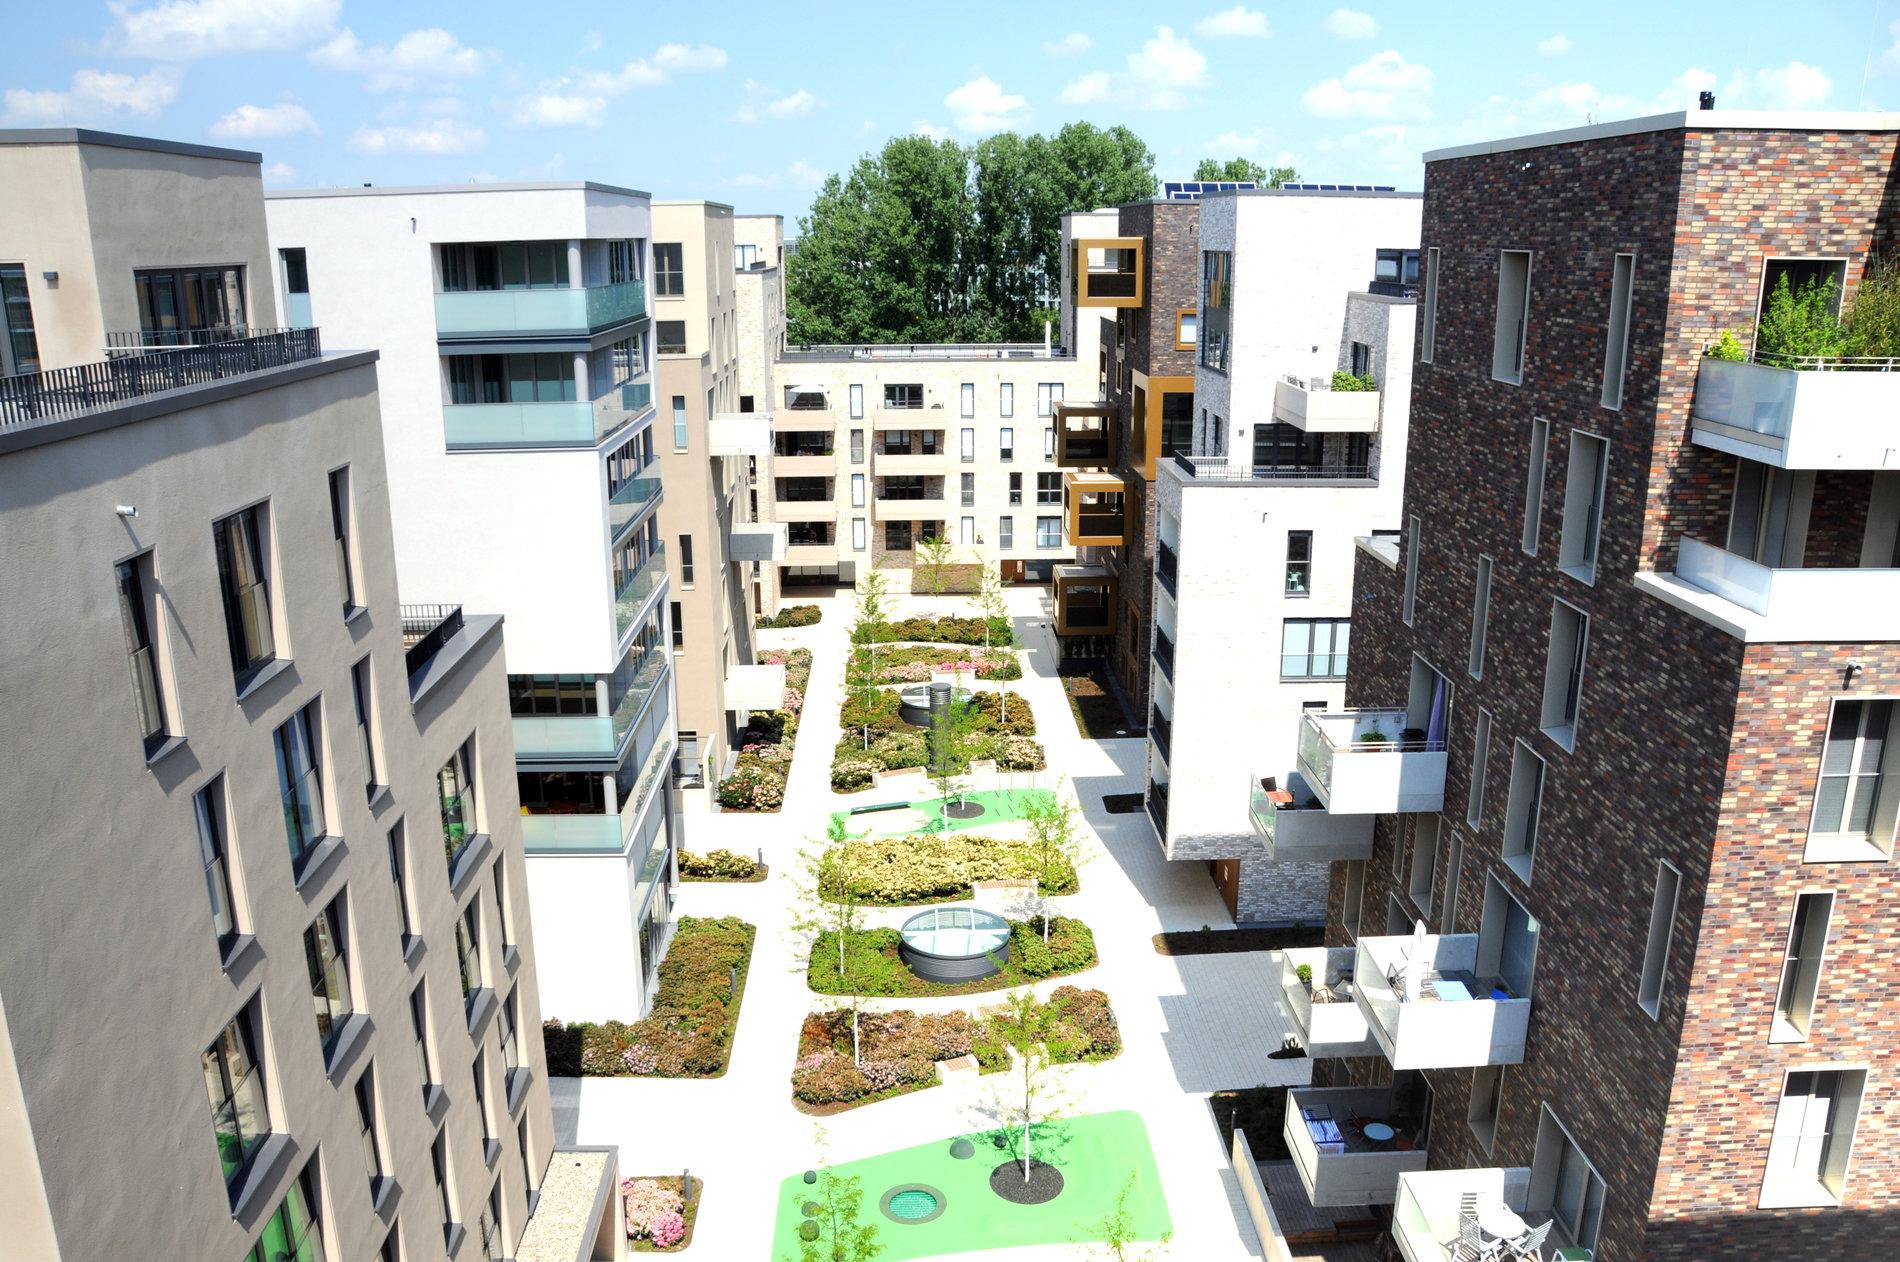 Innenhof des Wohnquartier VIER. Referenz Kapitalanlage mit Gundlach Bau und Immobilien.